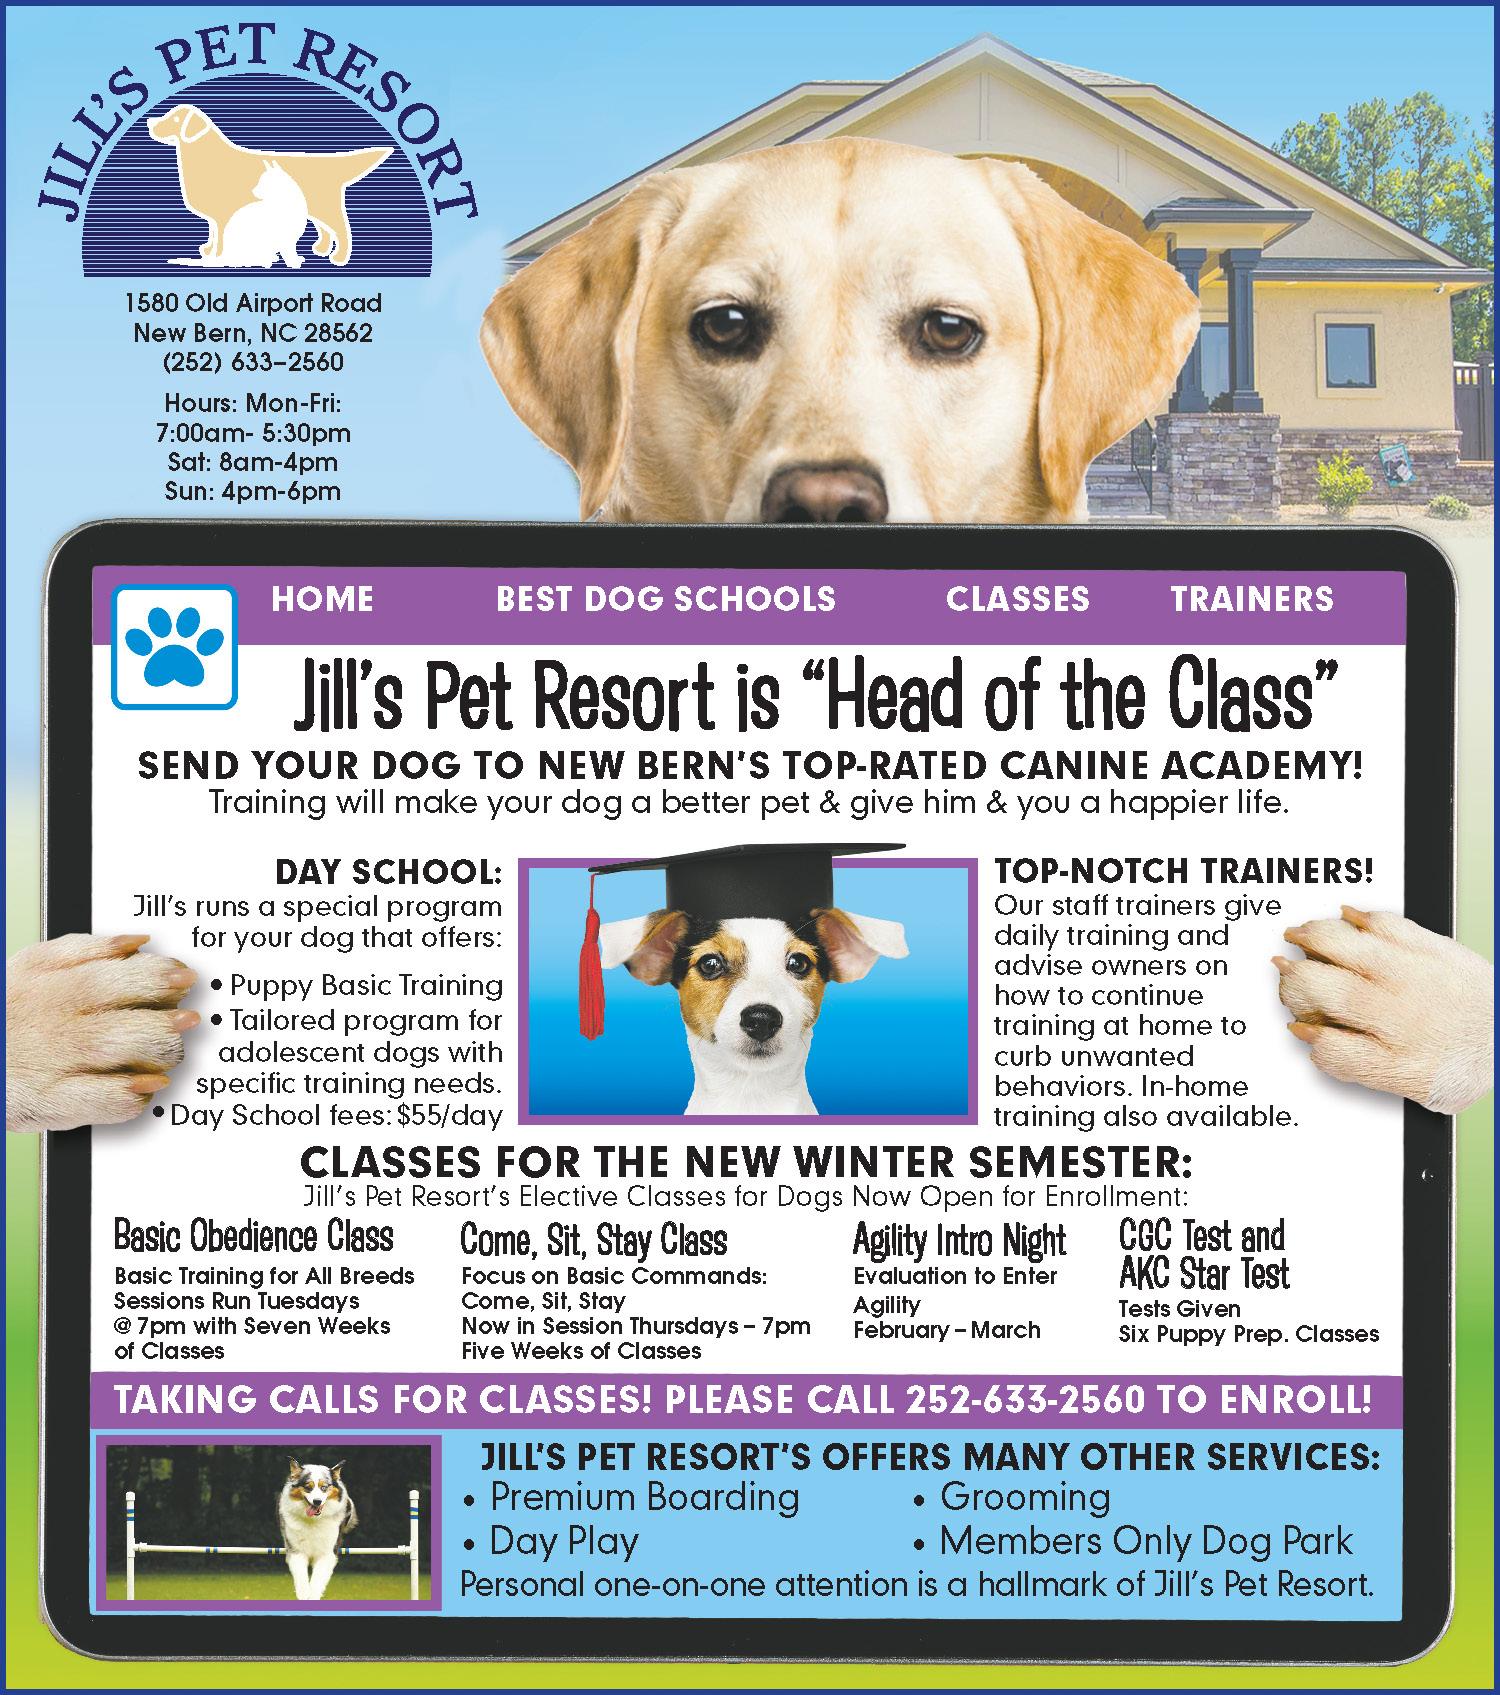 01-07-2021 Jill's Pet Resort Full Color Taberna